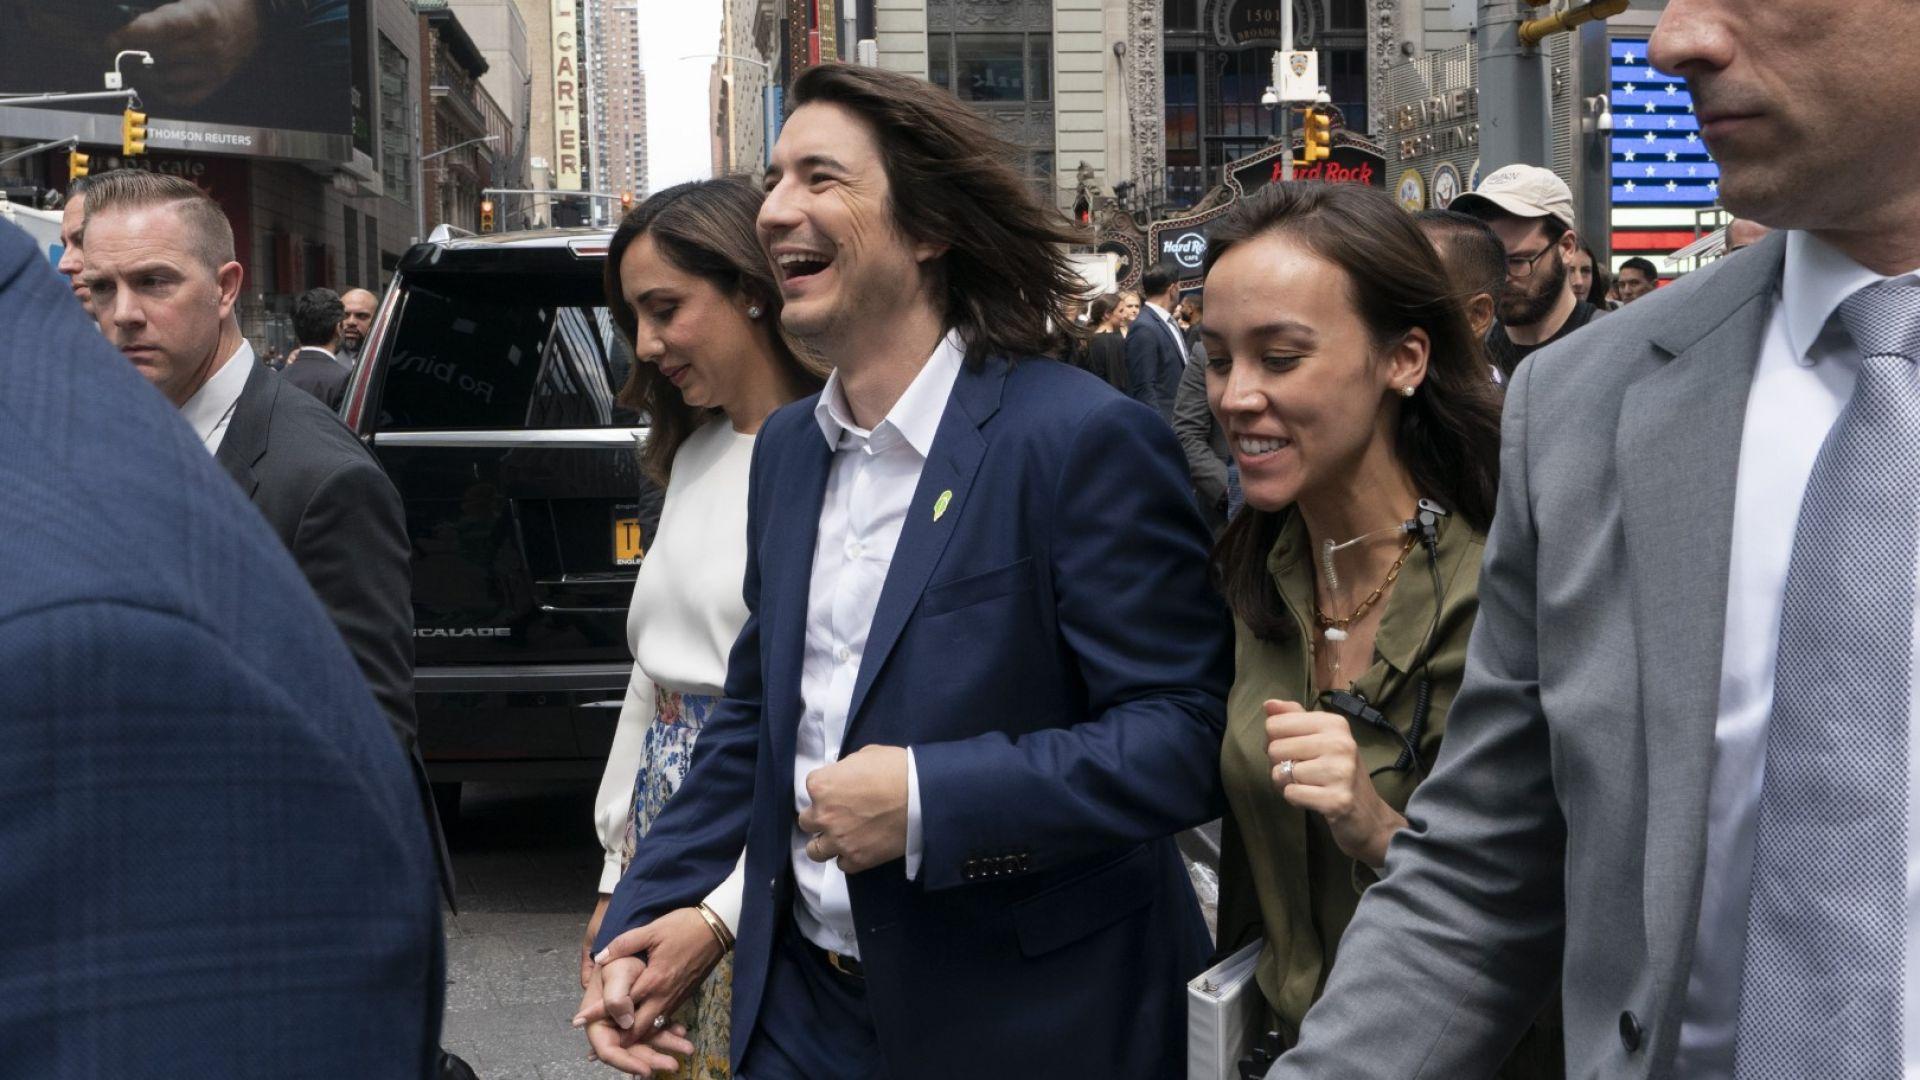 Владимир Тенев, главен изпълнителен директор и съосновател на Robinhood,  се разхожда на Таймс Скуеър в Ню Йорк след IPO на компанията си на 29 юли 2021 г. Вляво от него (с бялата блуза) е съпругата му Селина